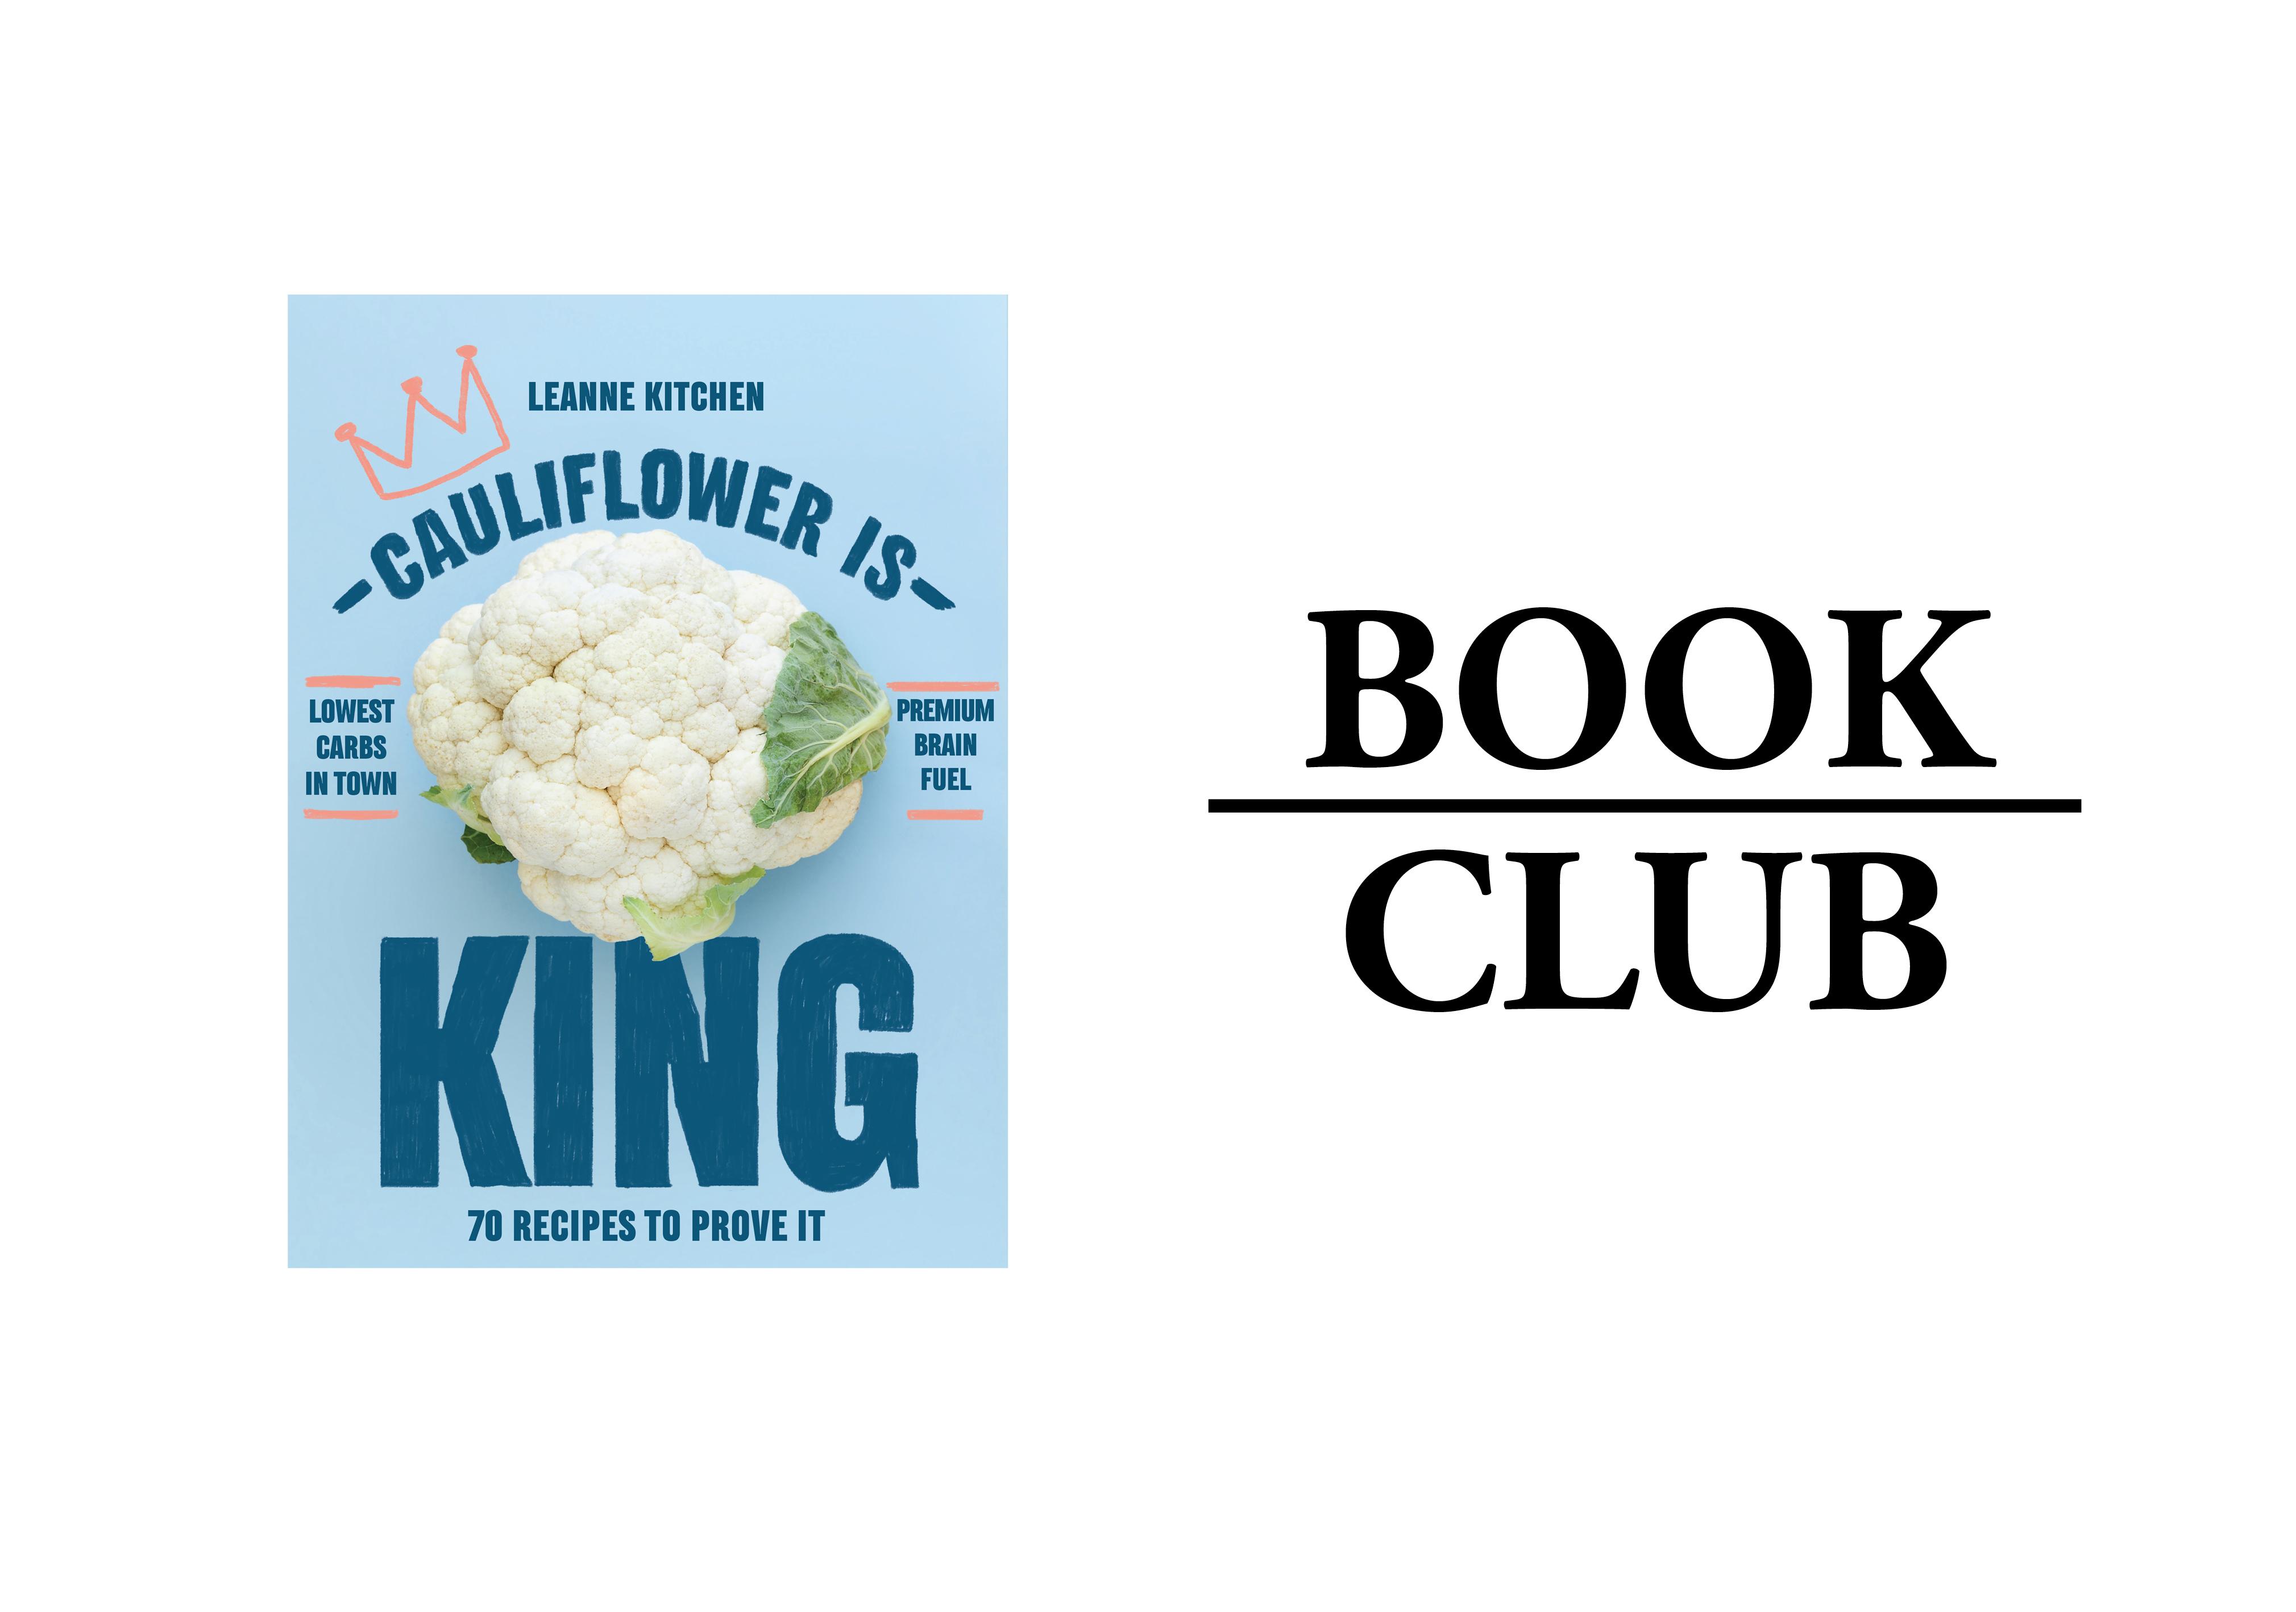 BOOK CLUB // CAULIFLOWER IS KING – LEANNE KITCHEN | Restaurant & Café